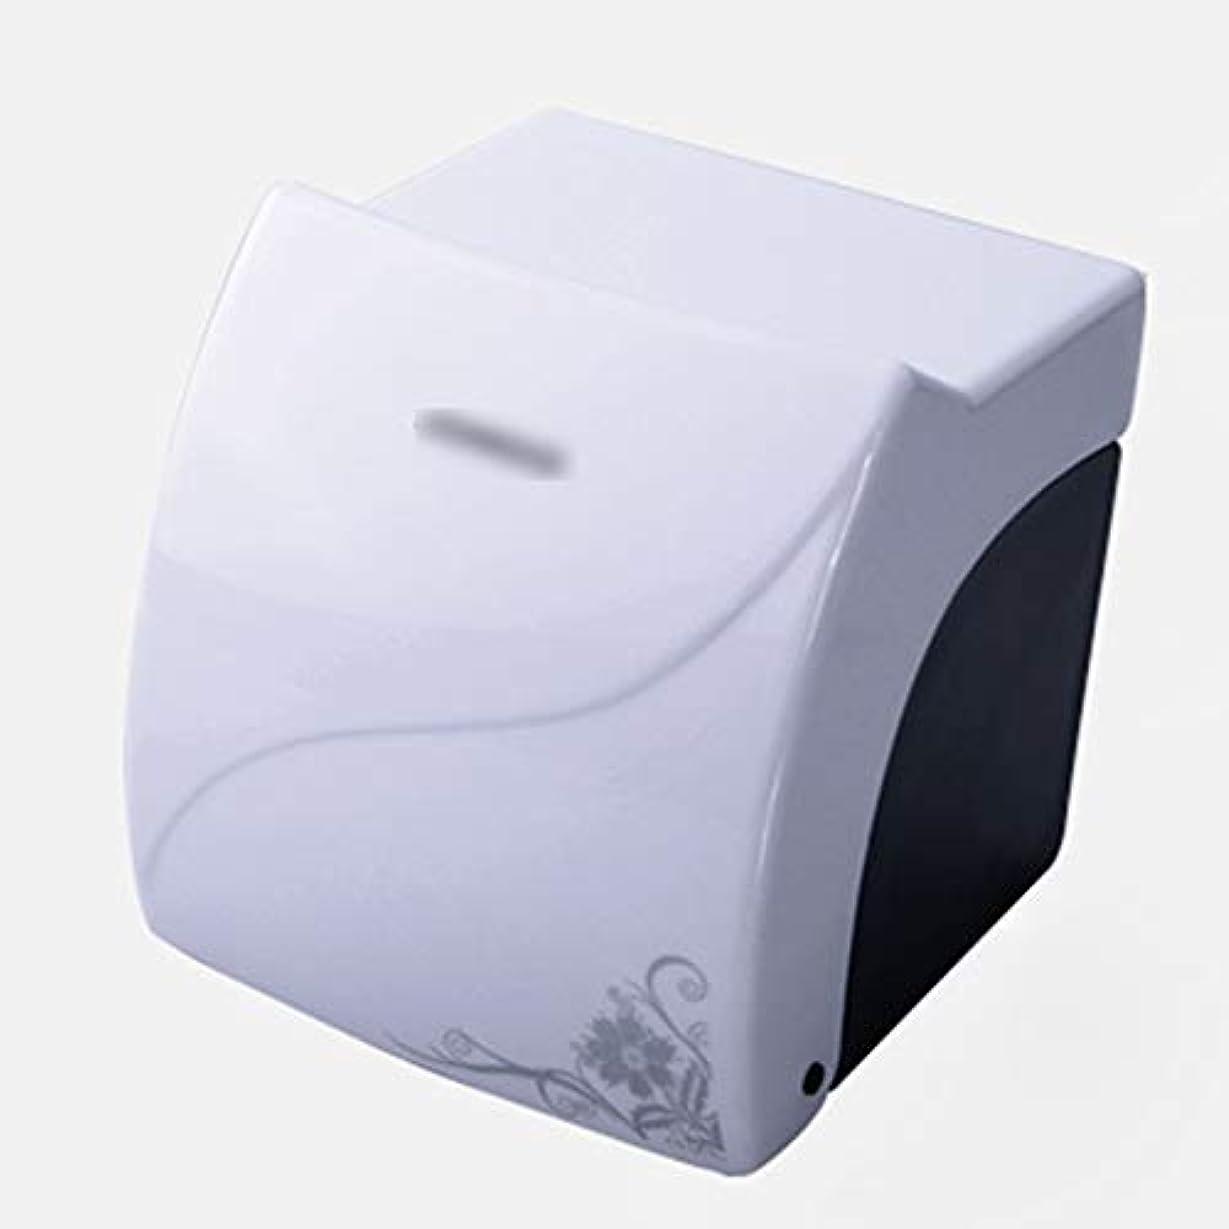 カカドゥ保証金知覚できるZZLX 紙タオルホルダー、高品質ABS防水ティッシュボックストイレットペーパーボックスペーパーホルダー ロングハンドル風呂ブラシ